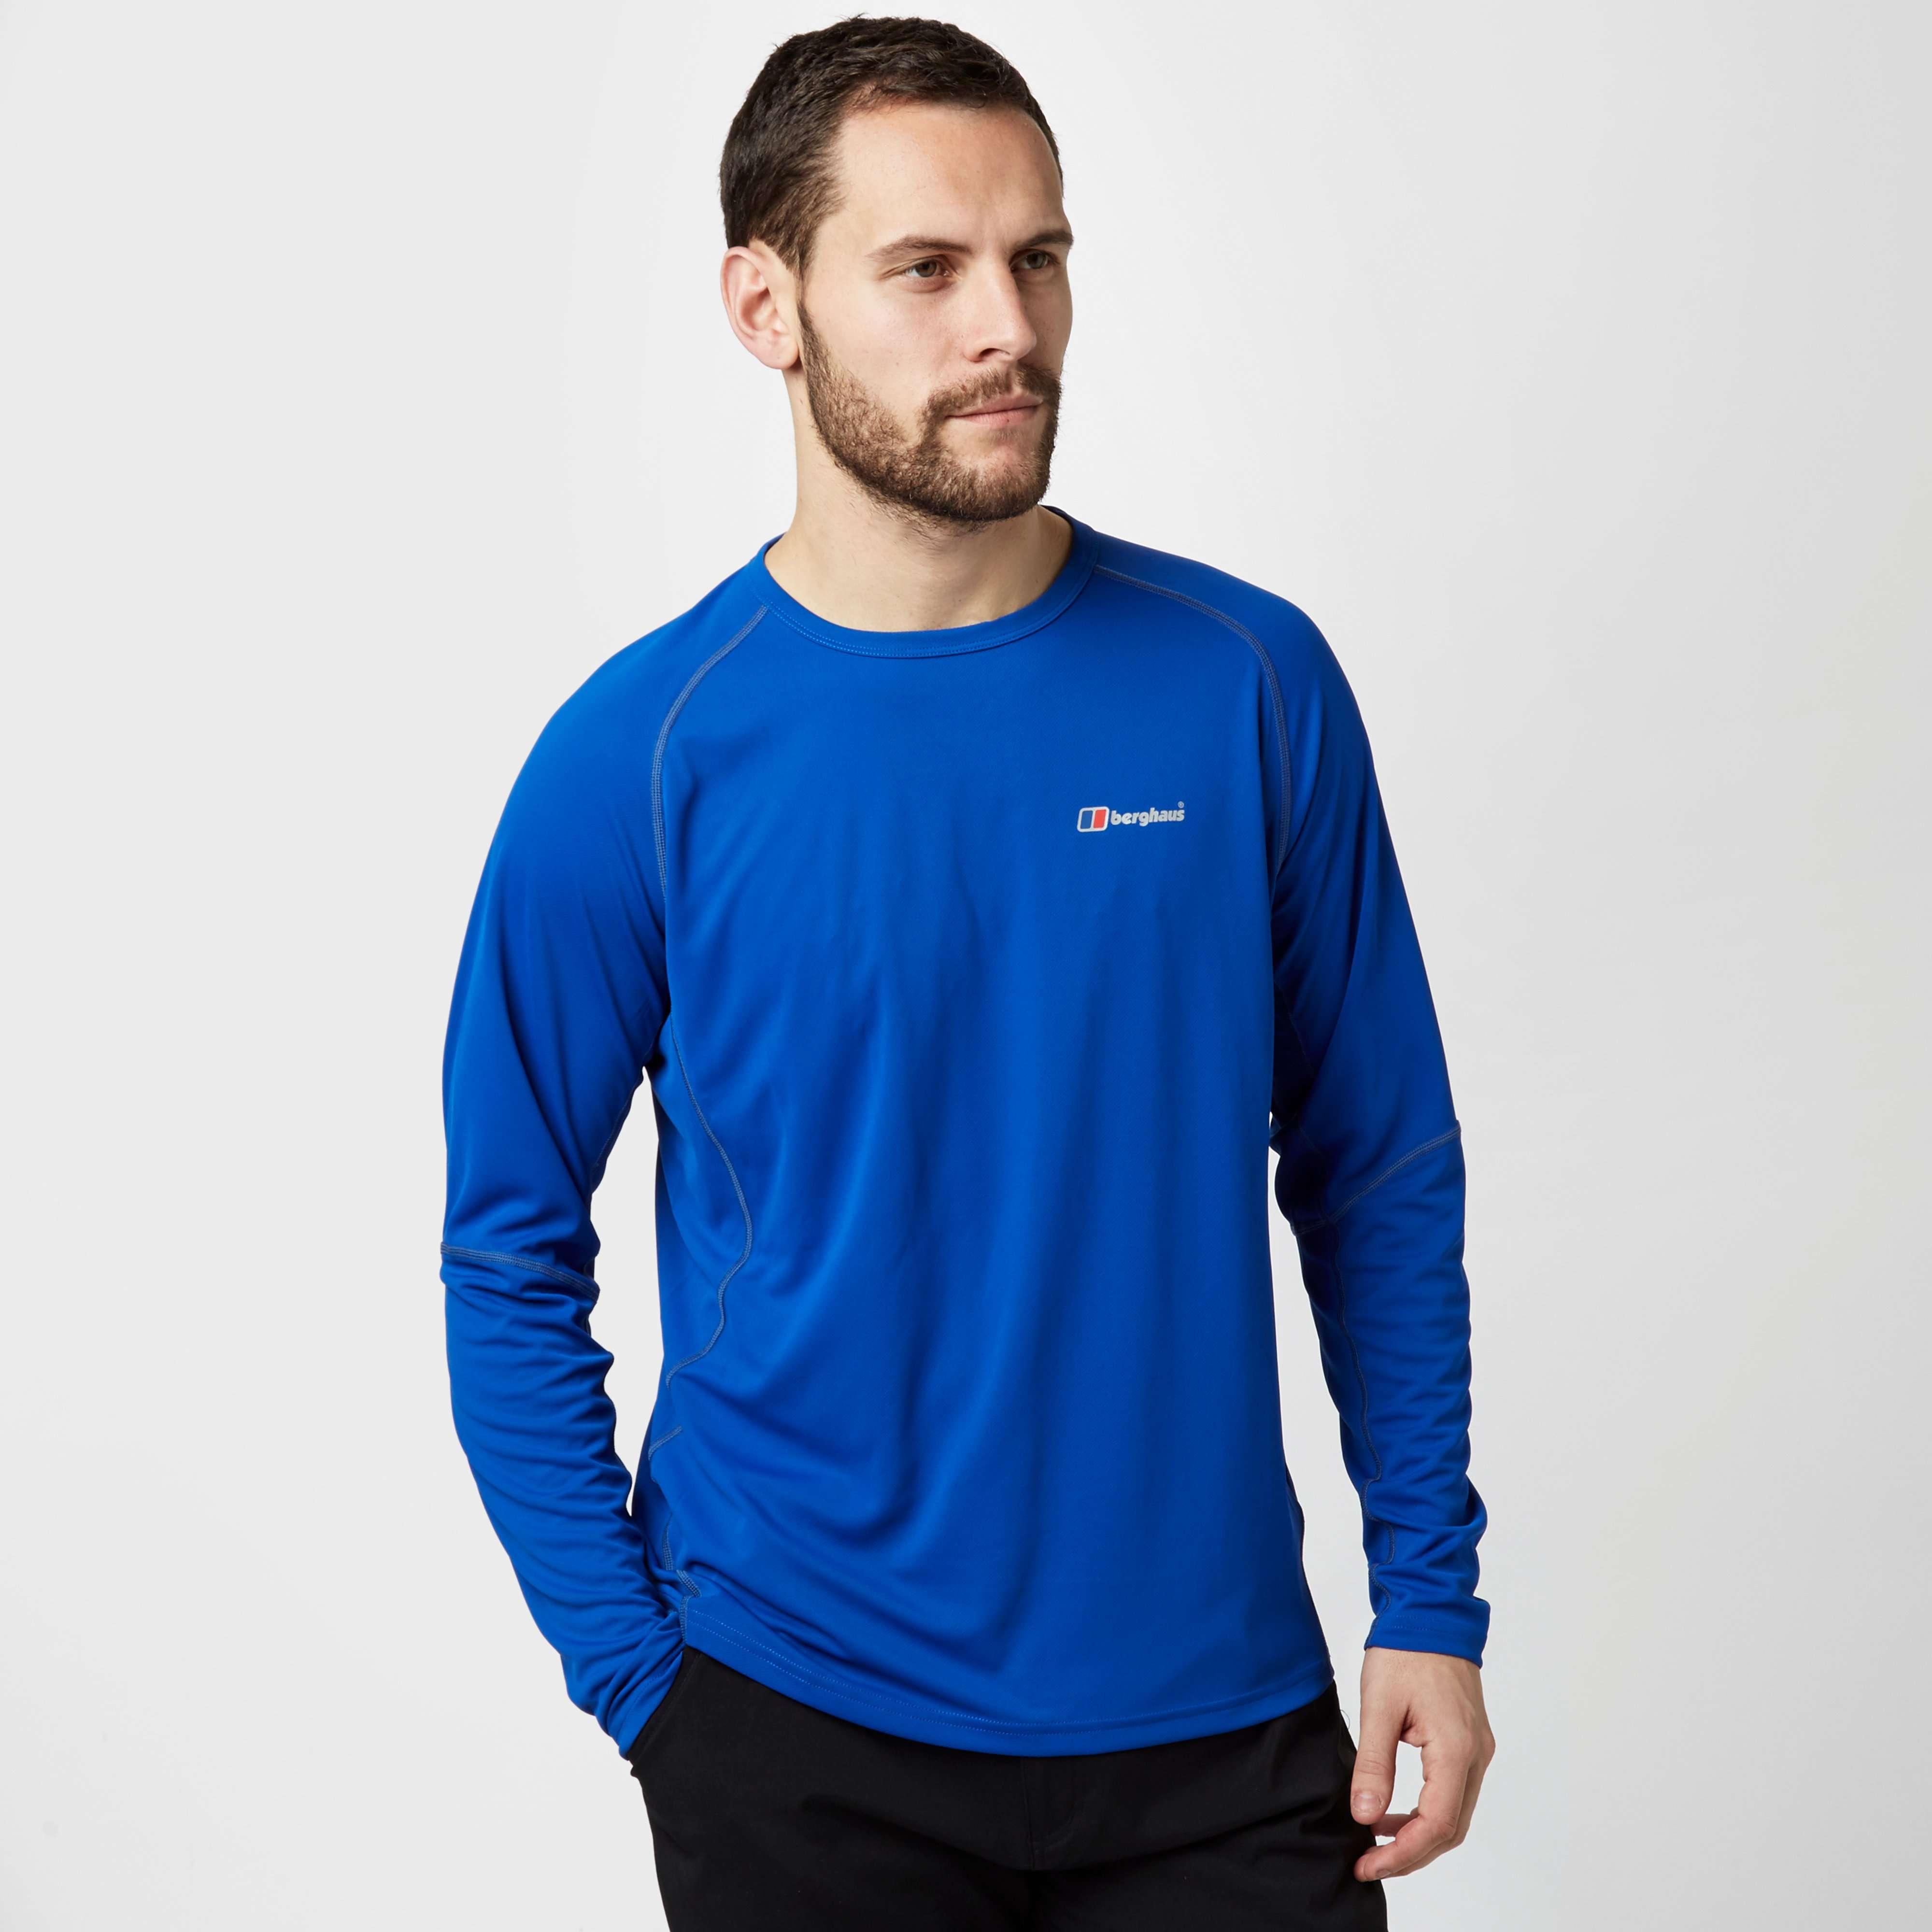 BERGHAUS Men's Long Sleeve Technical T-Shirt